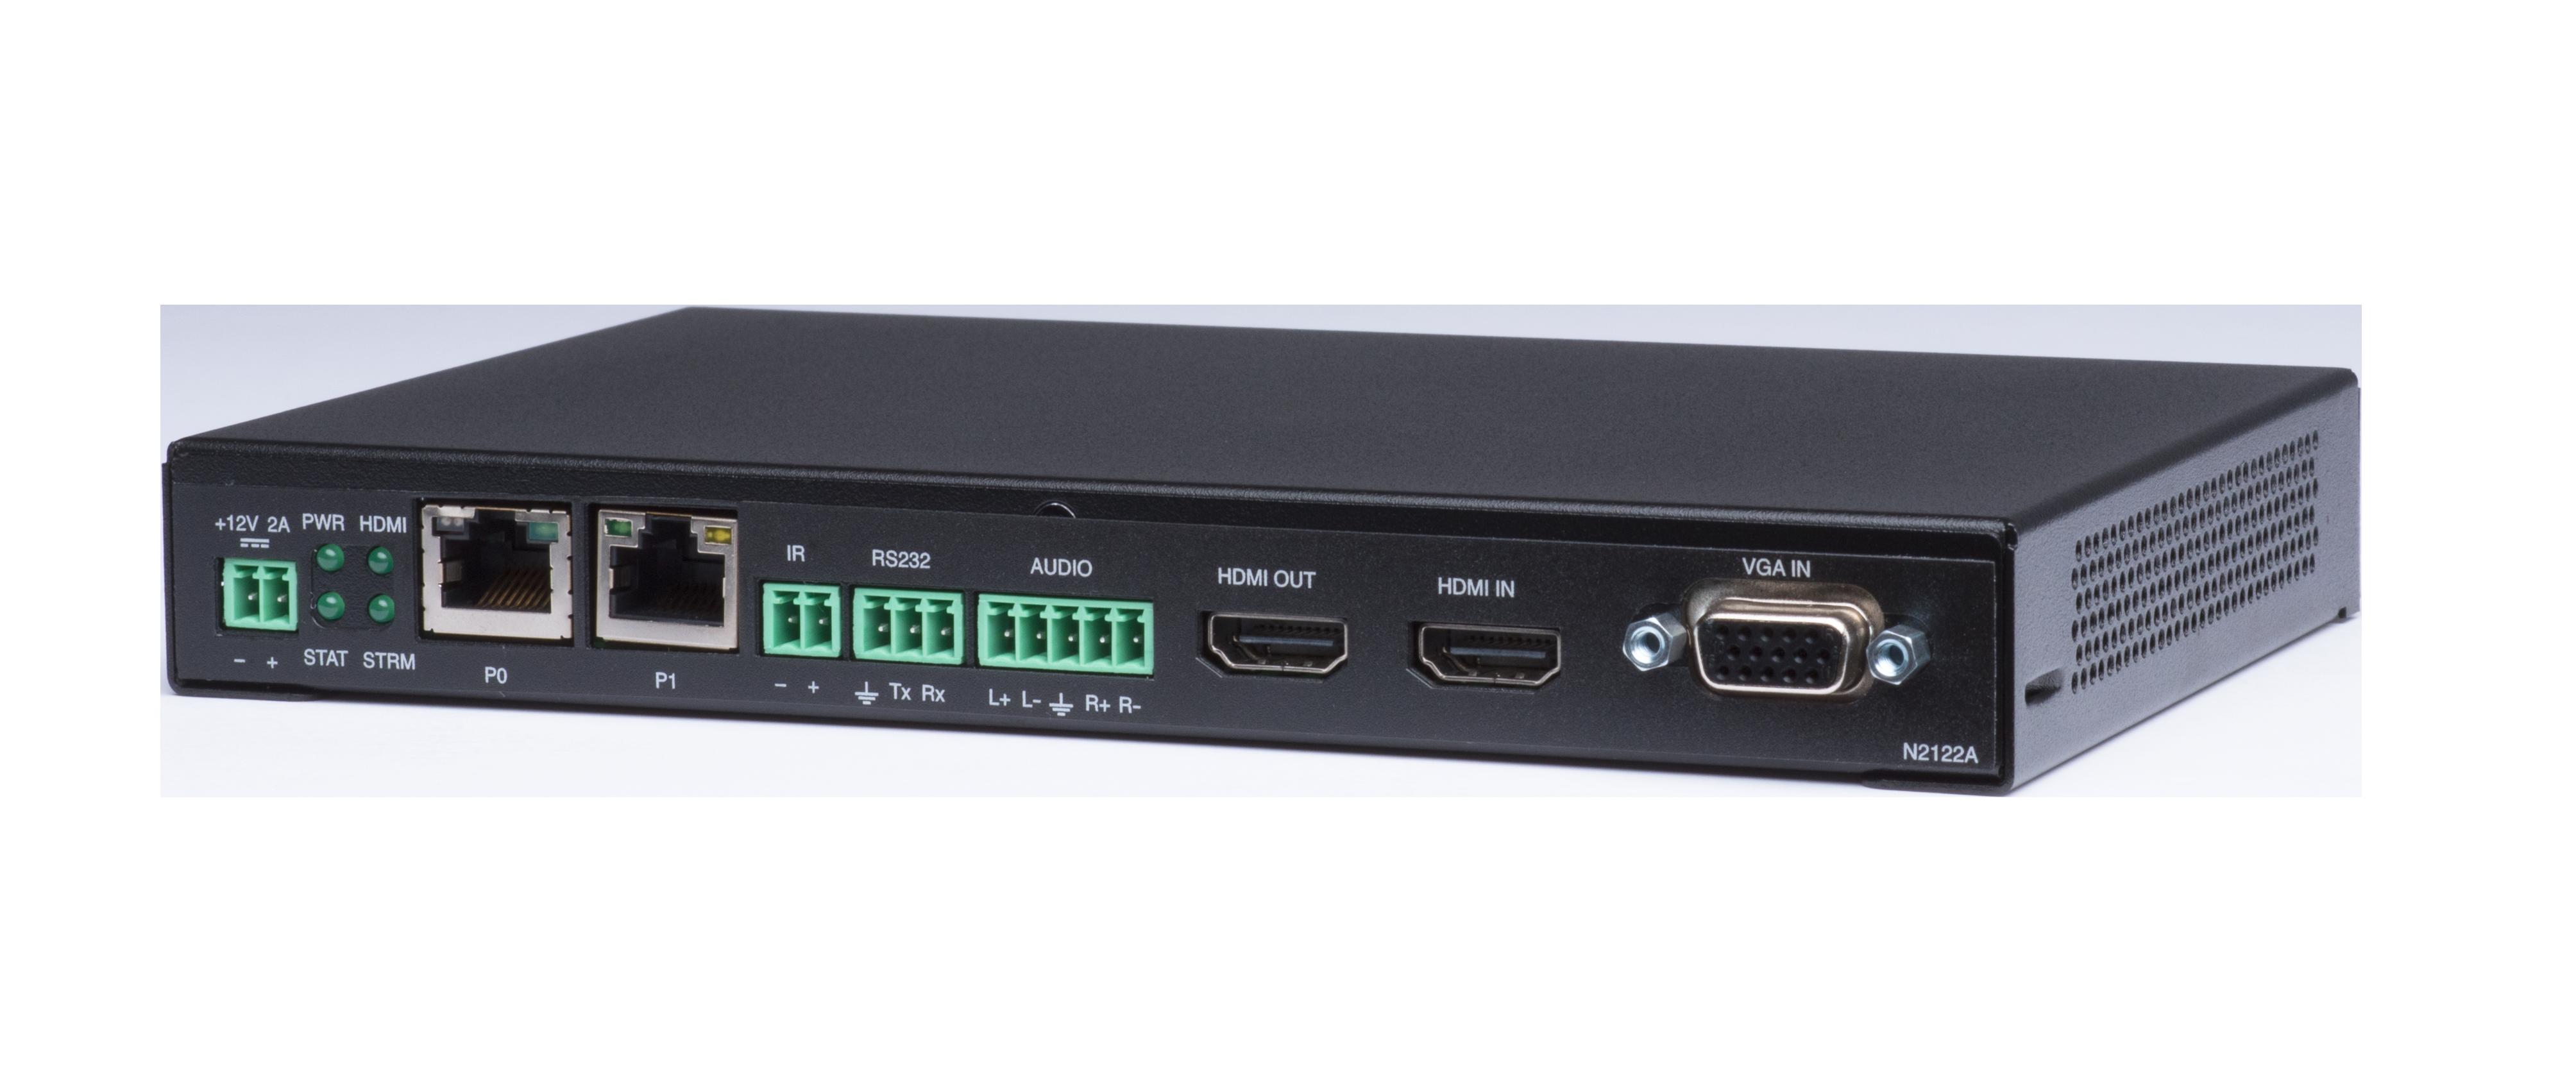 NMX-ENC-N2122A Encoder   AMX Audio Video Control Systems